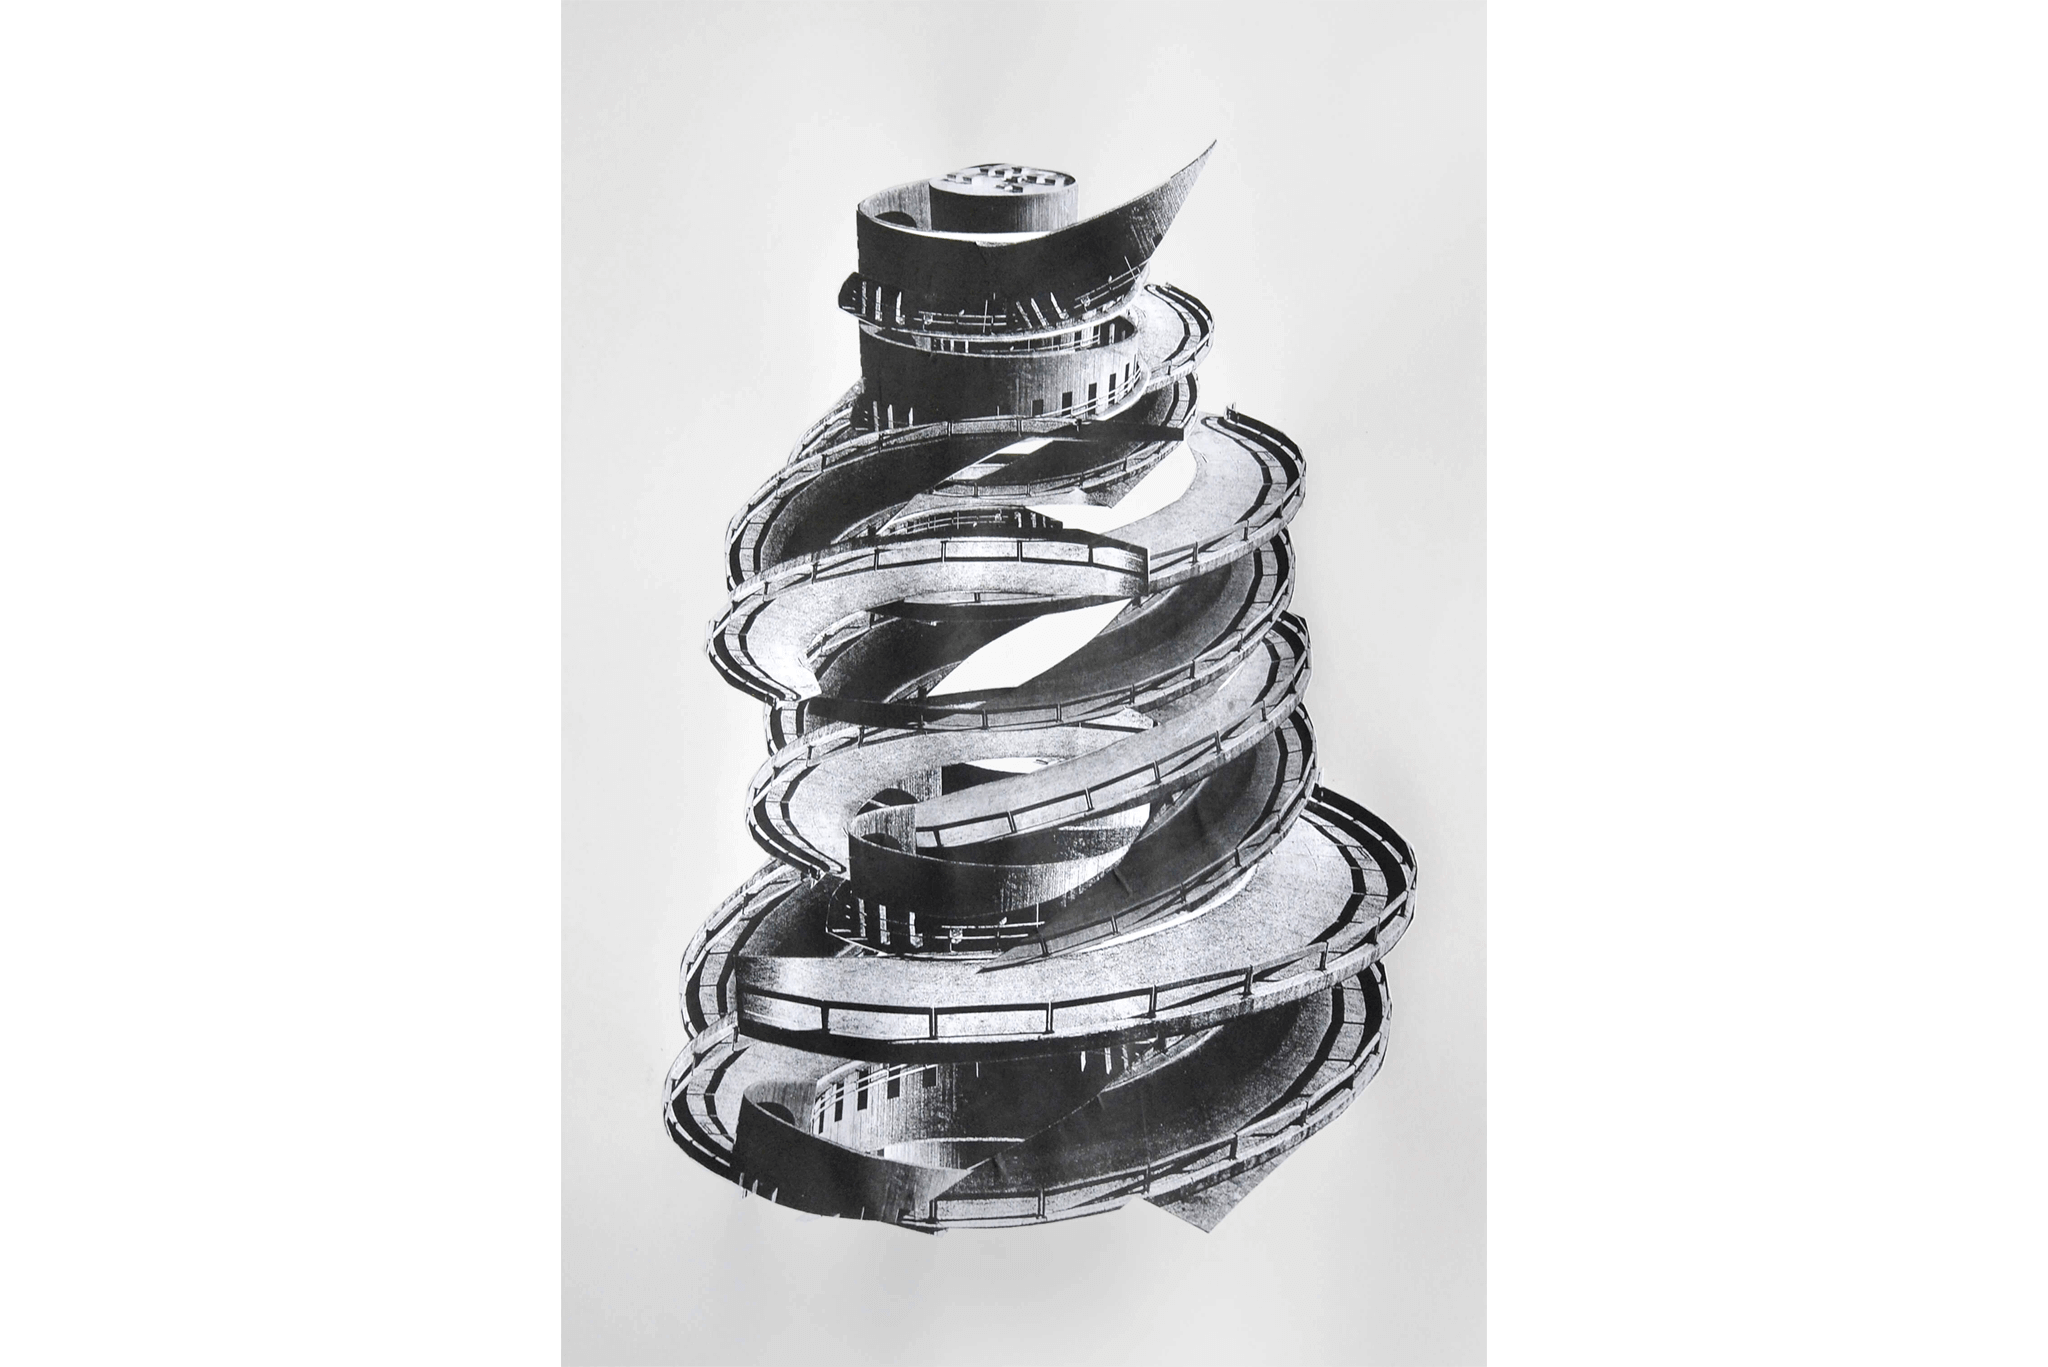 2011_16_Frauke-Dannert_Collage_Papiercollage_Serpentine-II-Kopie